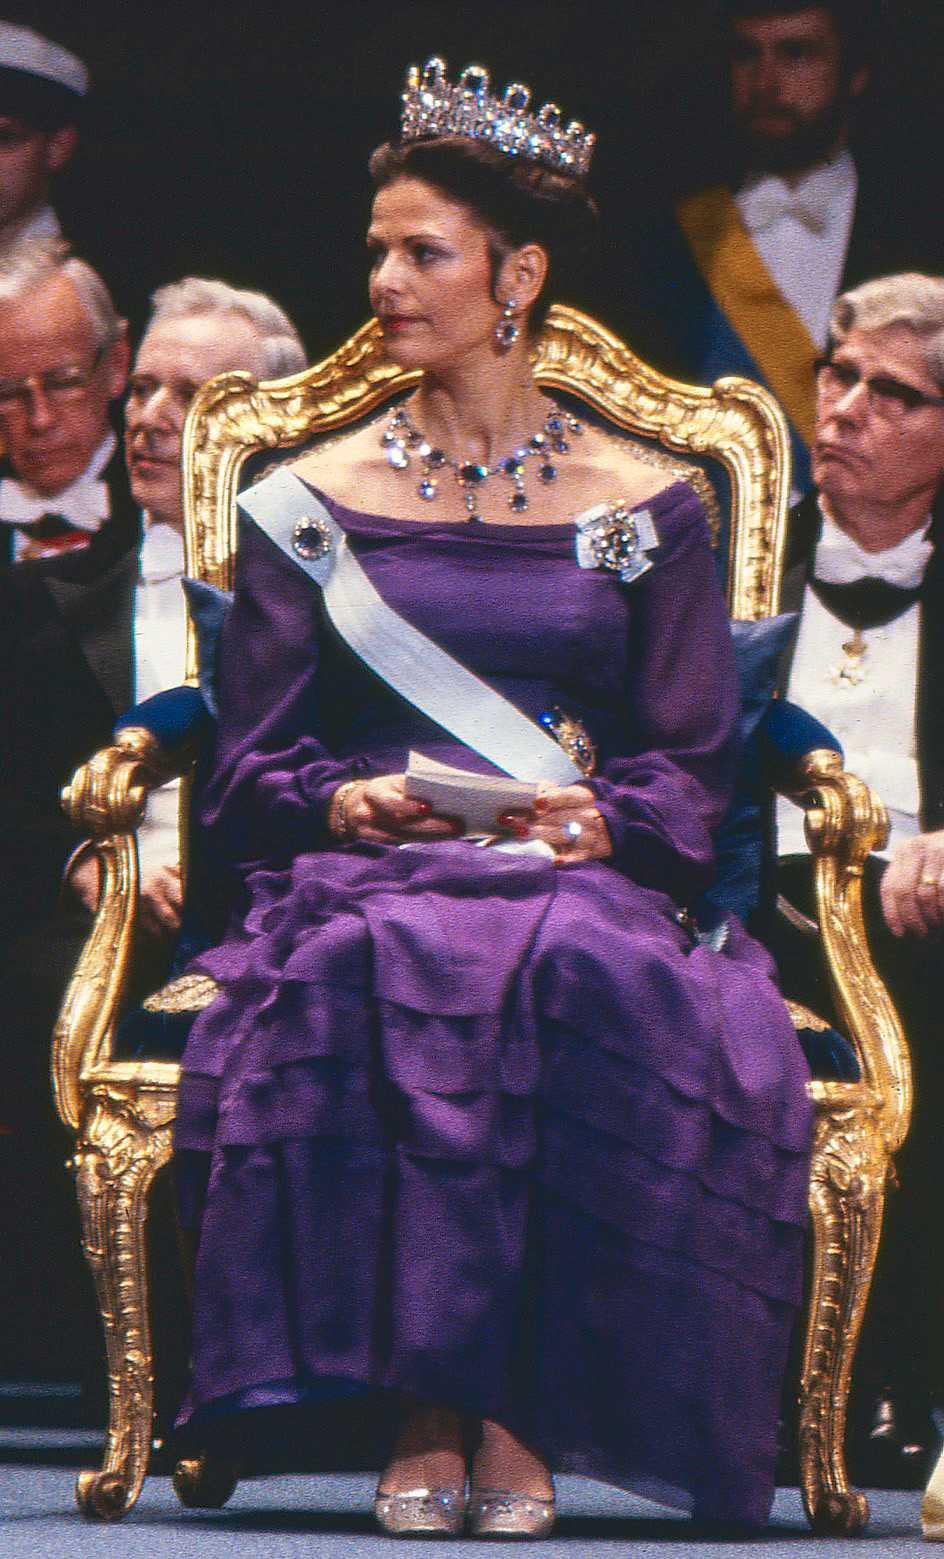 1978 г -платье из лилового шифона было создано придворной портнихой Olga Persson, к нему Сильвия выбрала ставшие затем её любимыми Лейхтенбергские сапфиры.